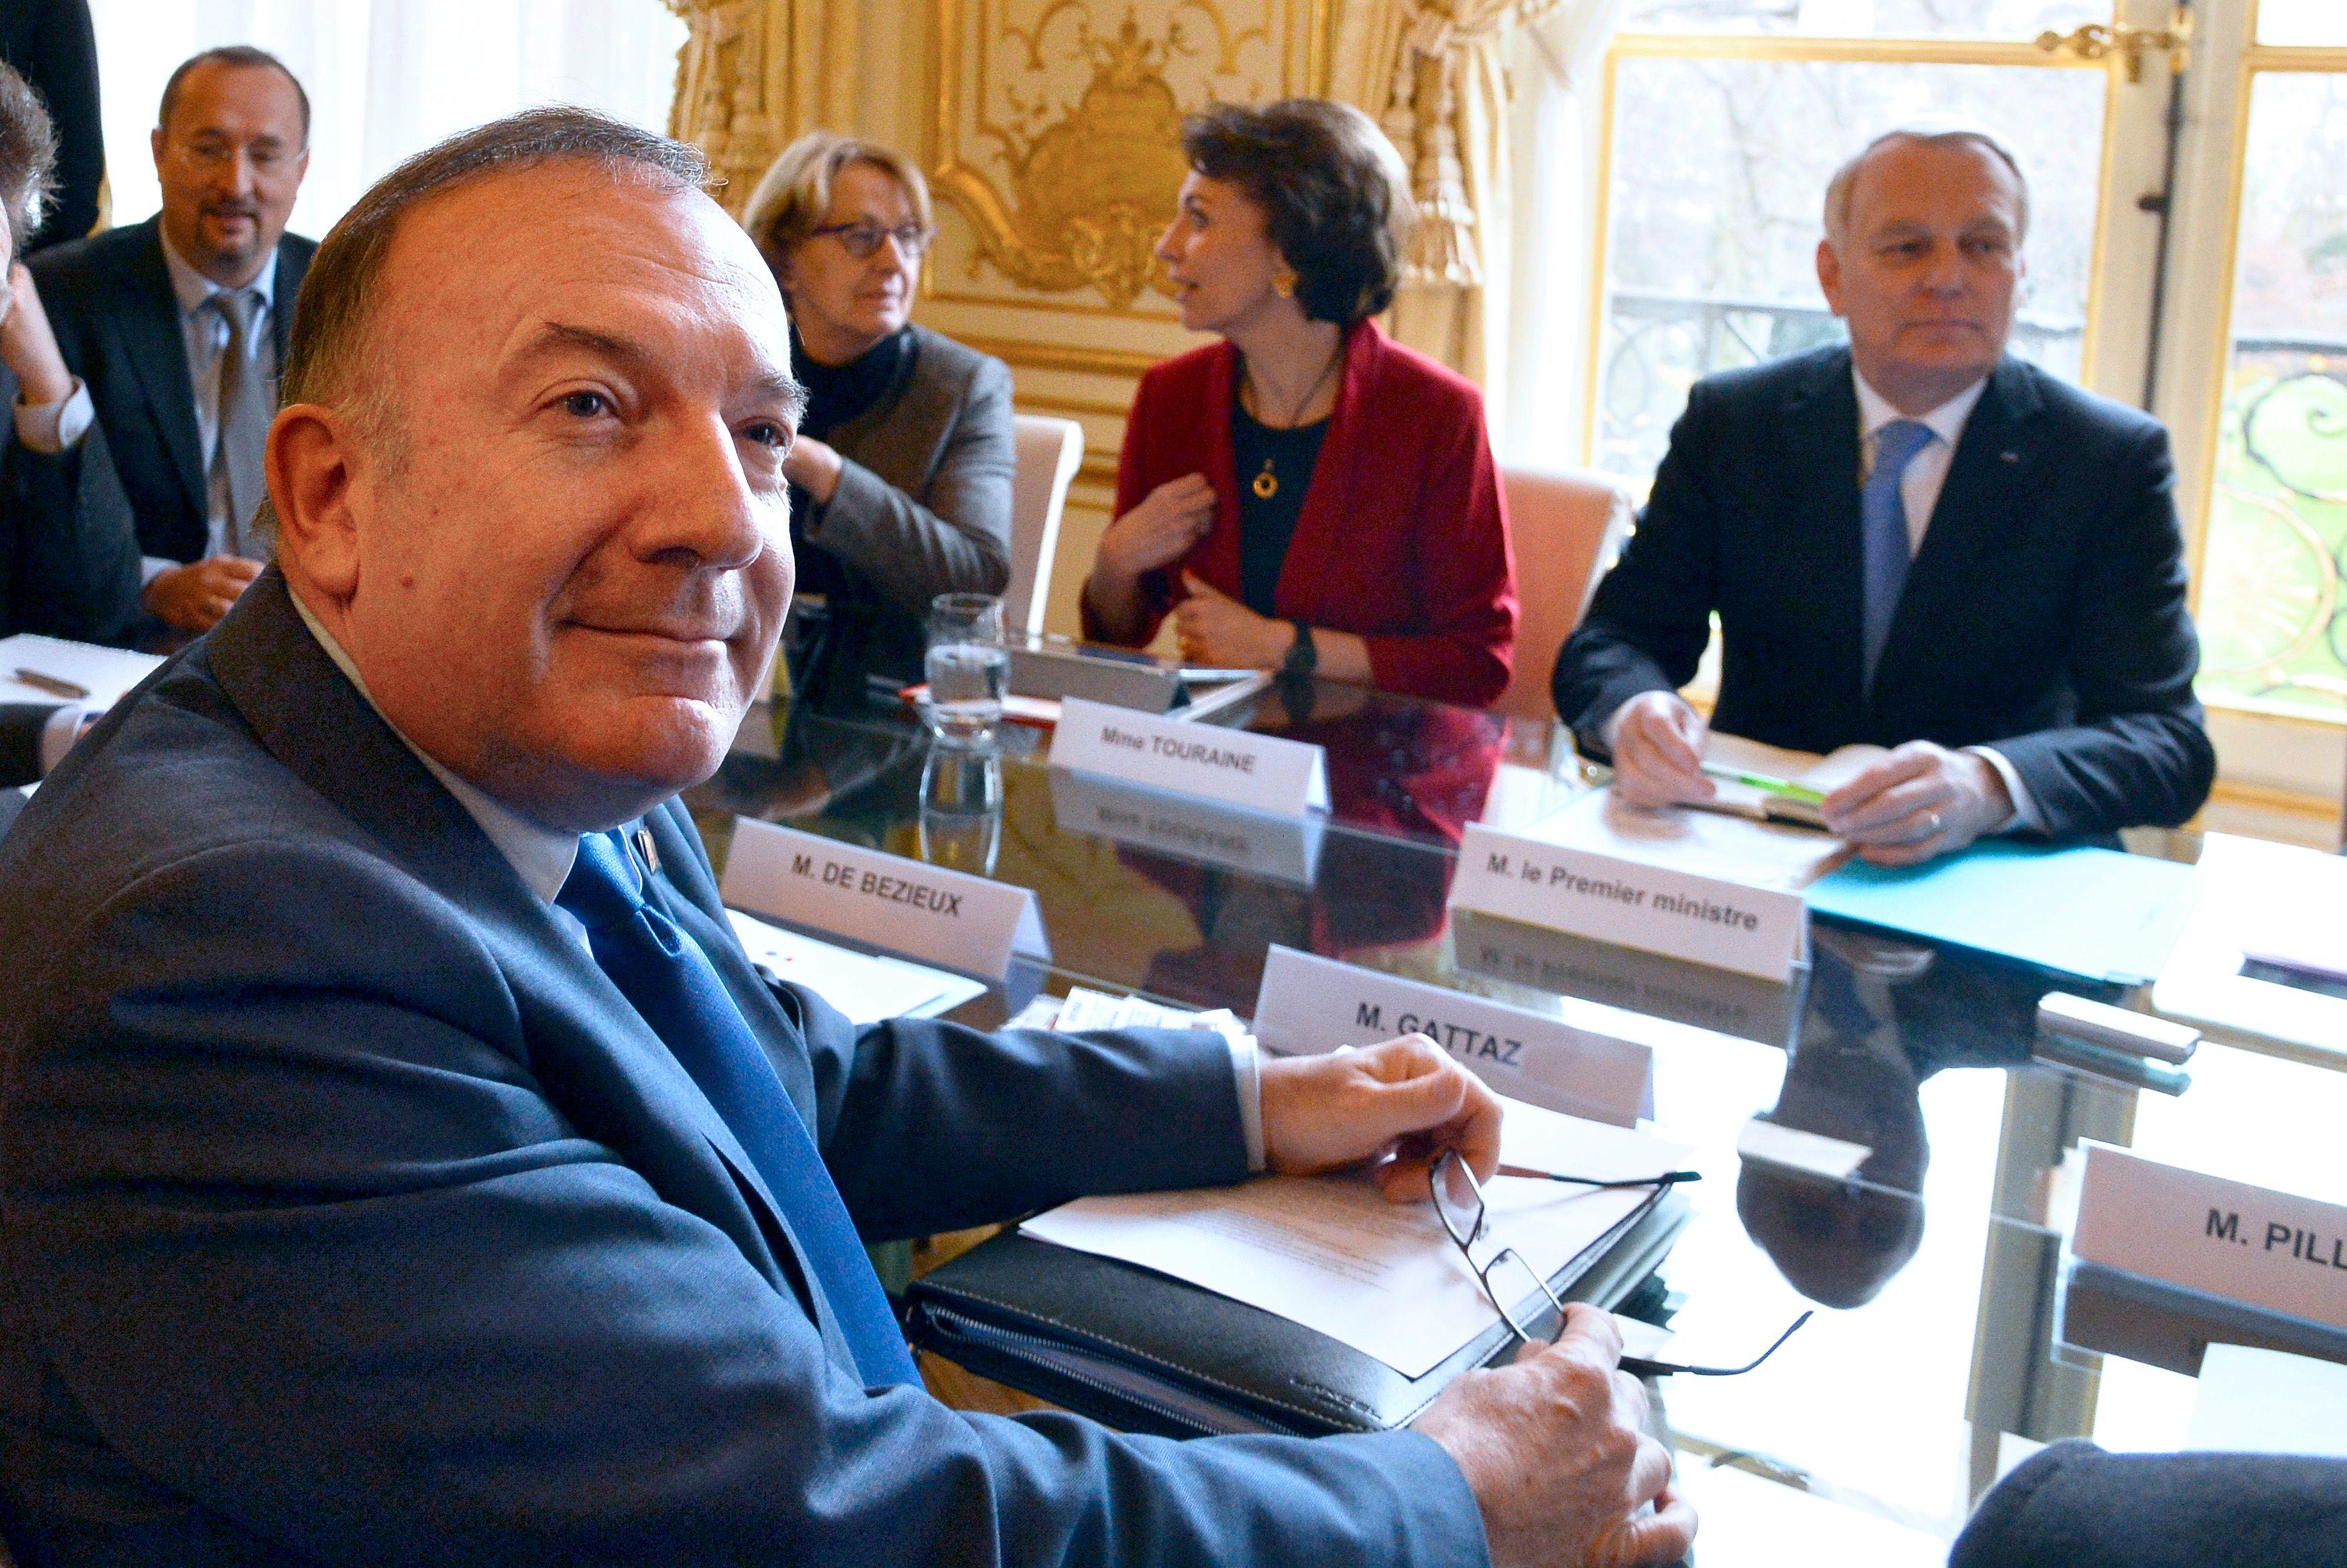 Le président du Medef, Pierre Gattaz et Jean-Marc Ayrault lors d'une table ronde aux assises de la fiscalité à Matignon.